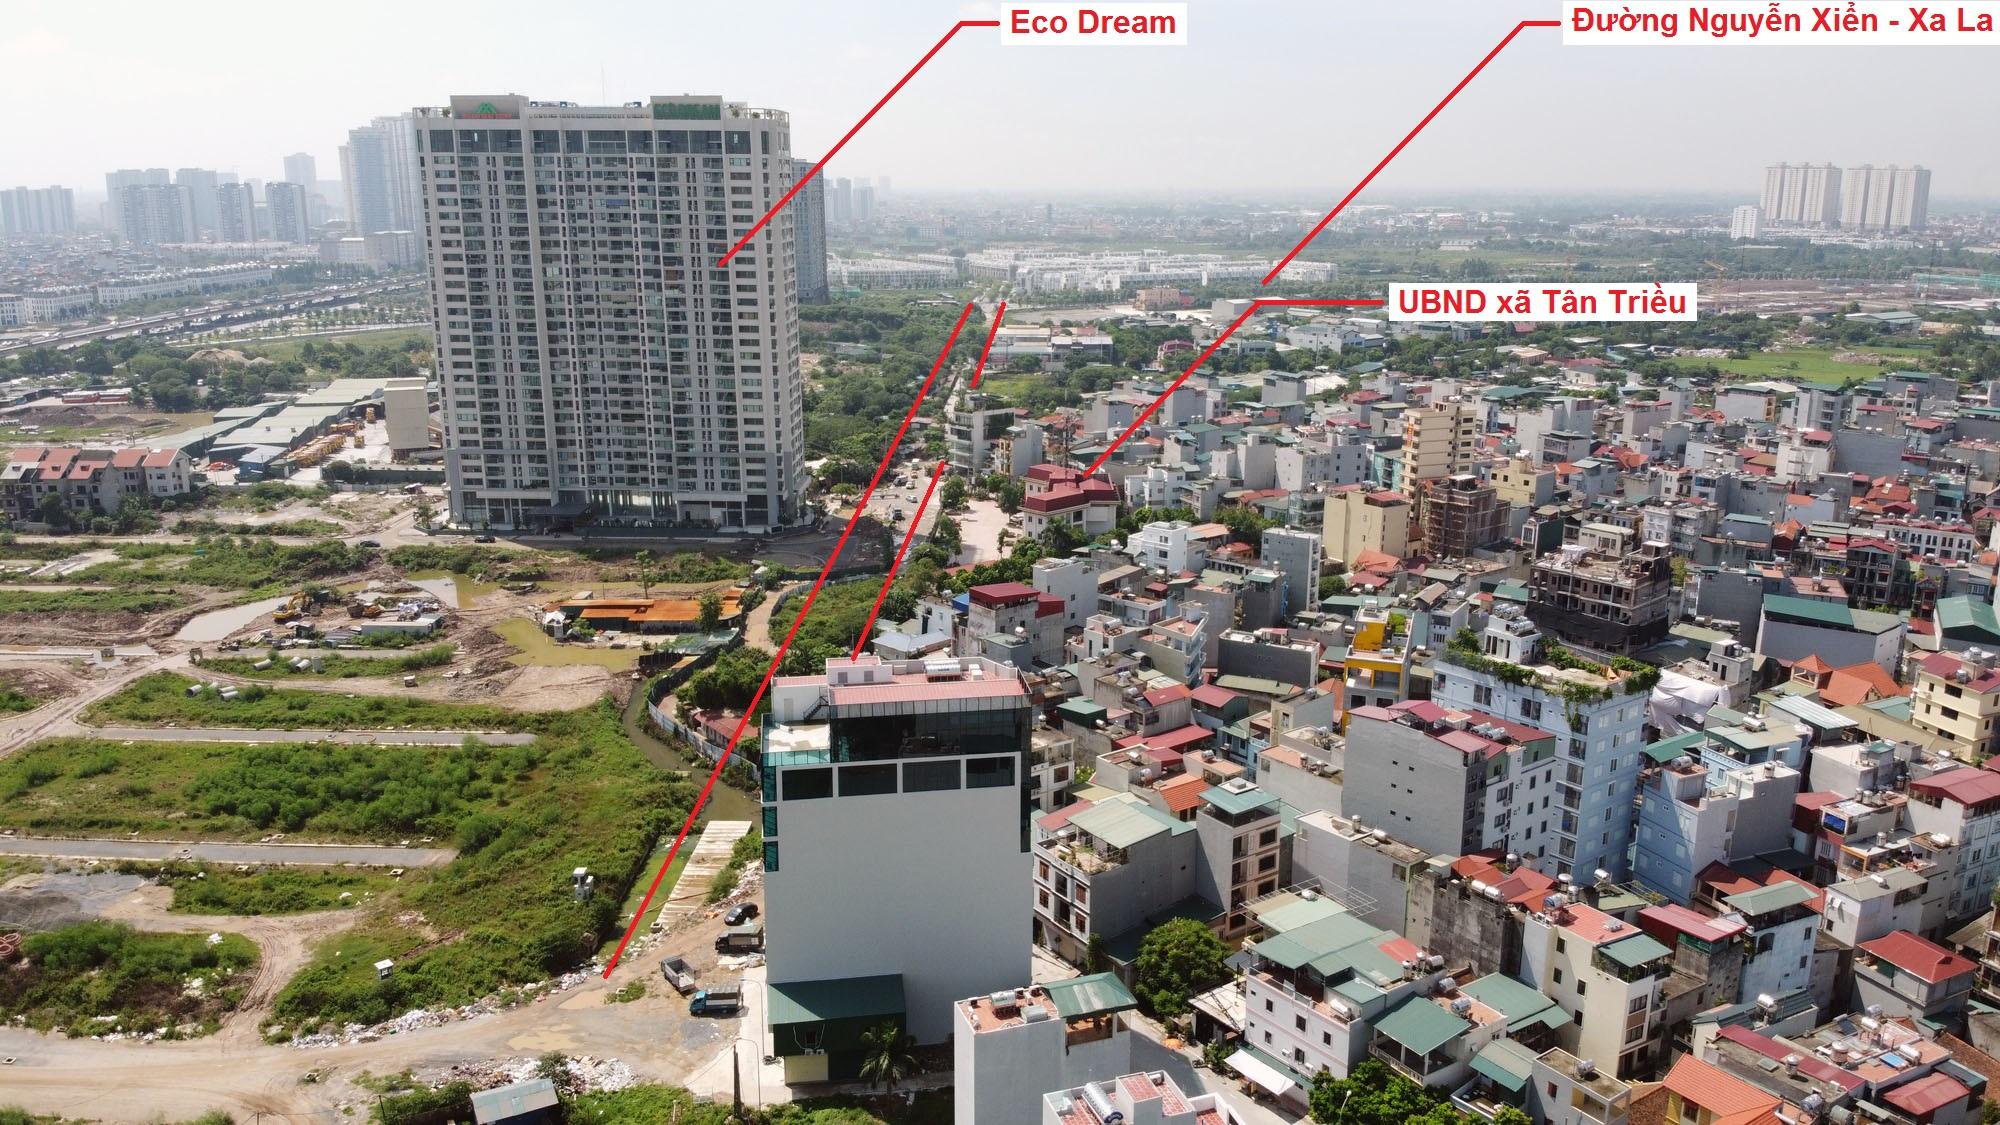 đường sẽ mở theo quy hoạch ở xã Tân Triều, Thanh Trì, Hà Nội - Ảnh 9.